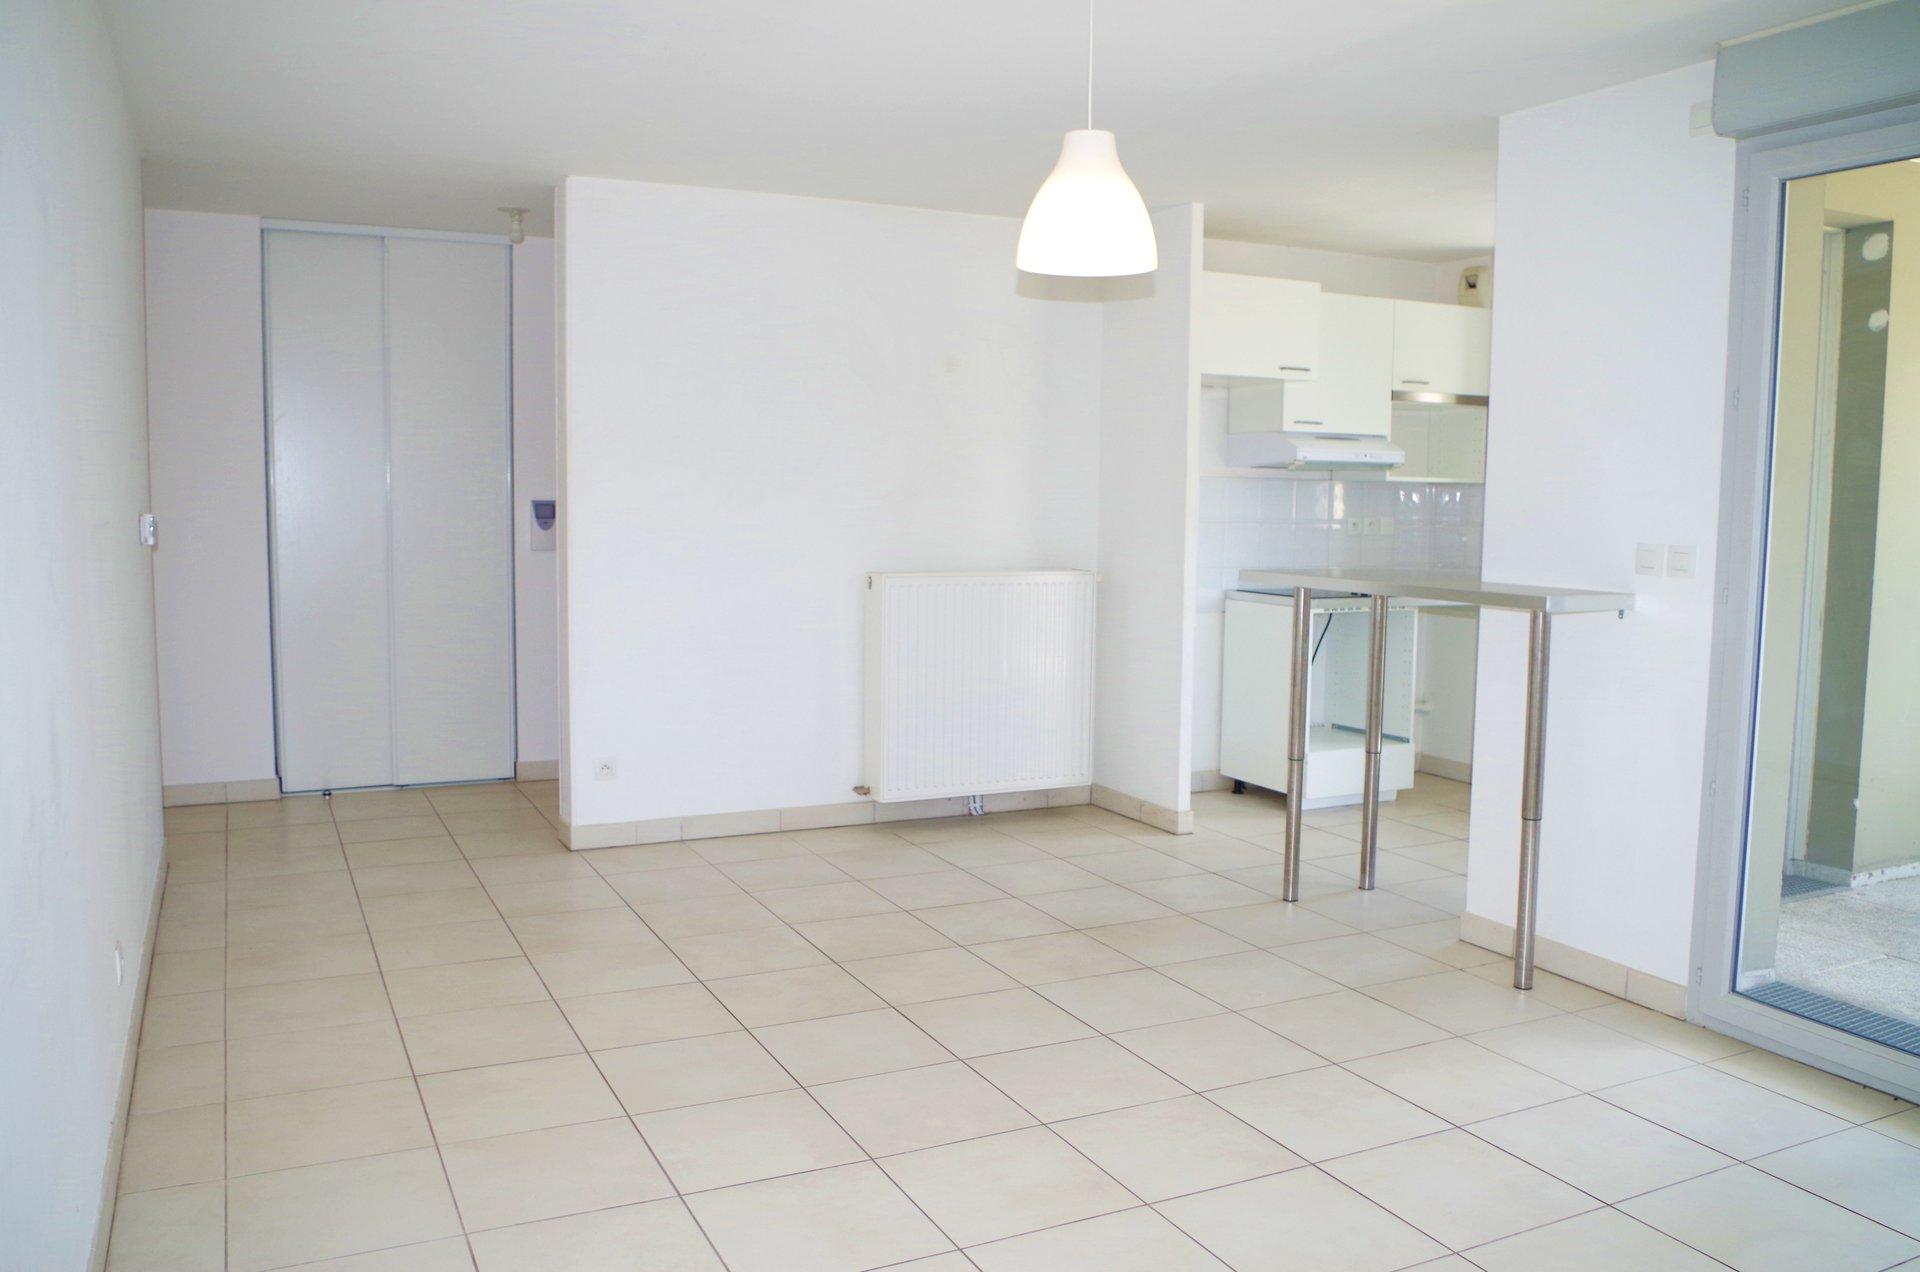 T3 - 61,95 m² - PONT-JUMEAUX TOULOUSE